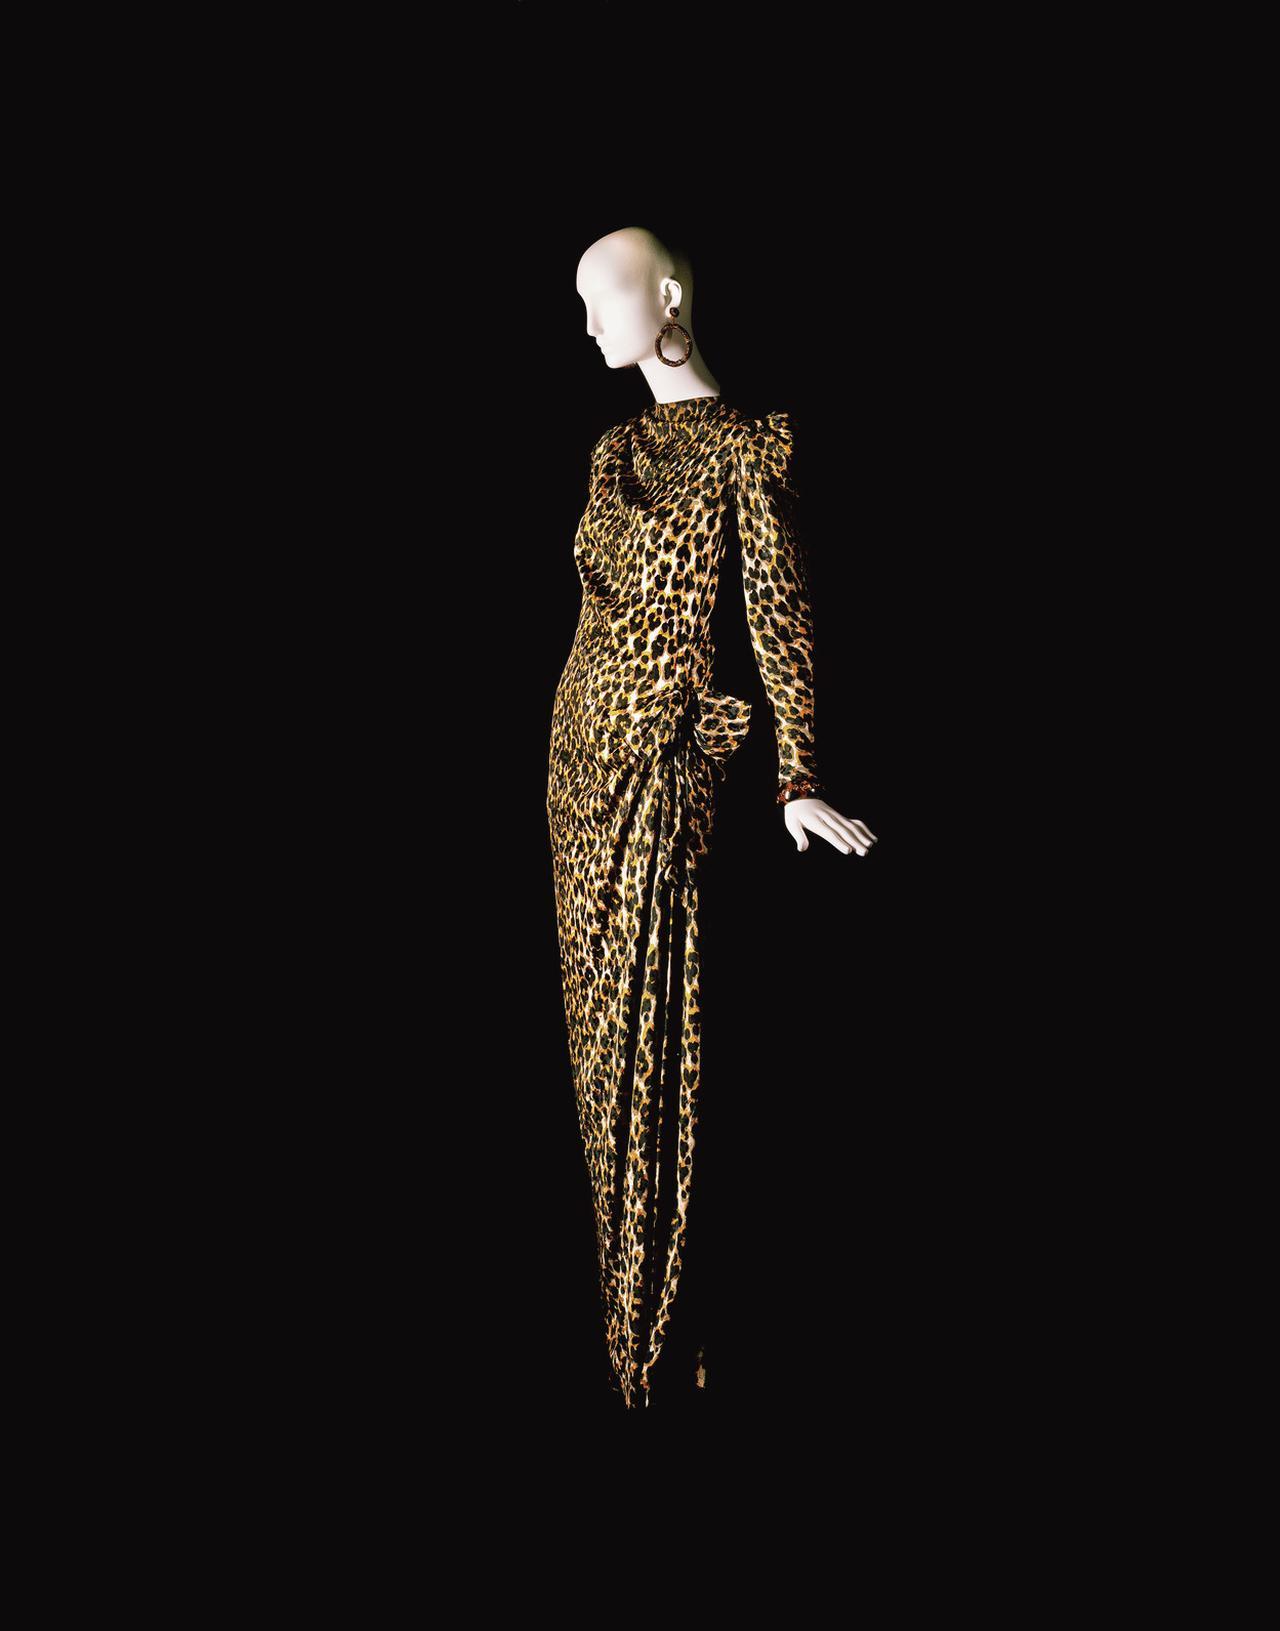 Images : 3番目の画像 - 「サンローランの 新クリエイティブ・ディレクター メゾンについて語る」のアルバム - T JAPAN:The New York Times Style Magazine 公式サイト